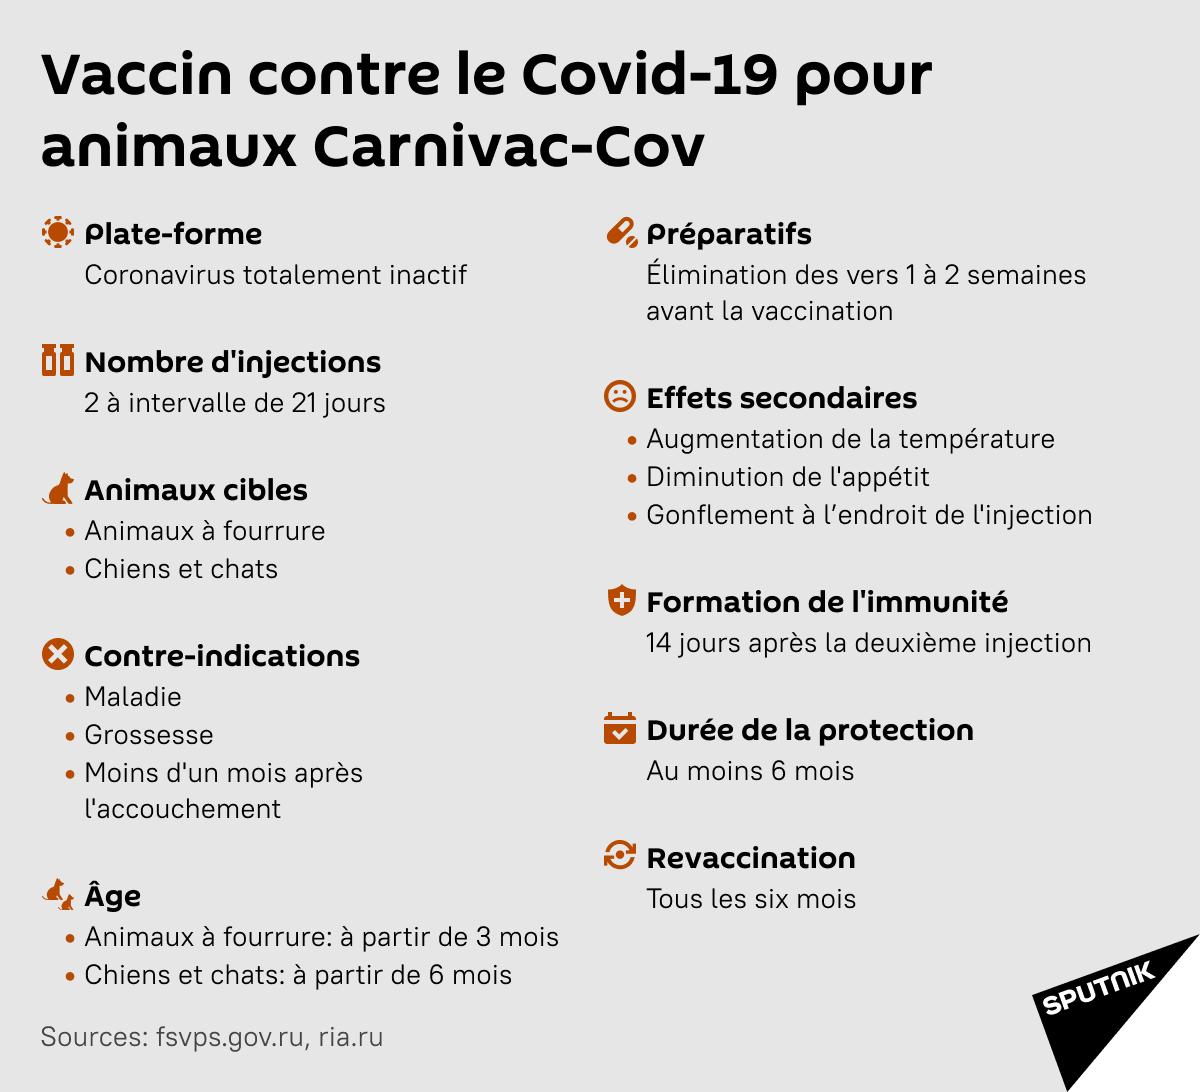 Vaccin contre le Covid-19 pour animaux Carnivac Cov